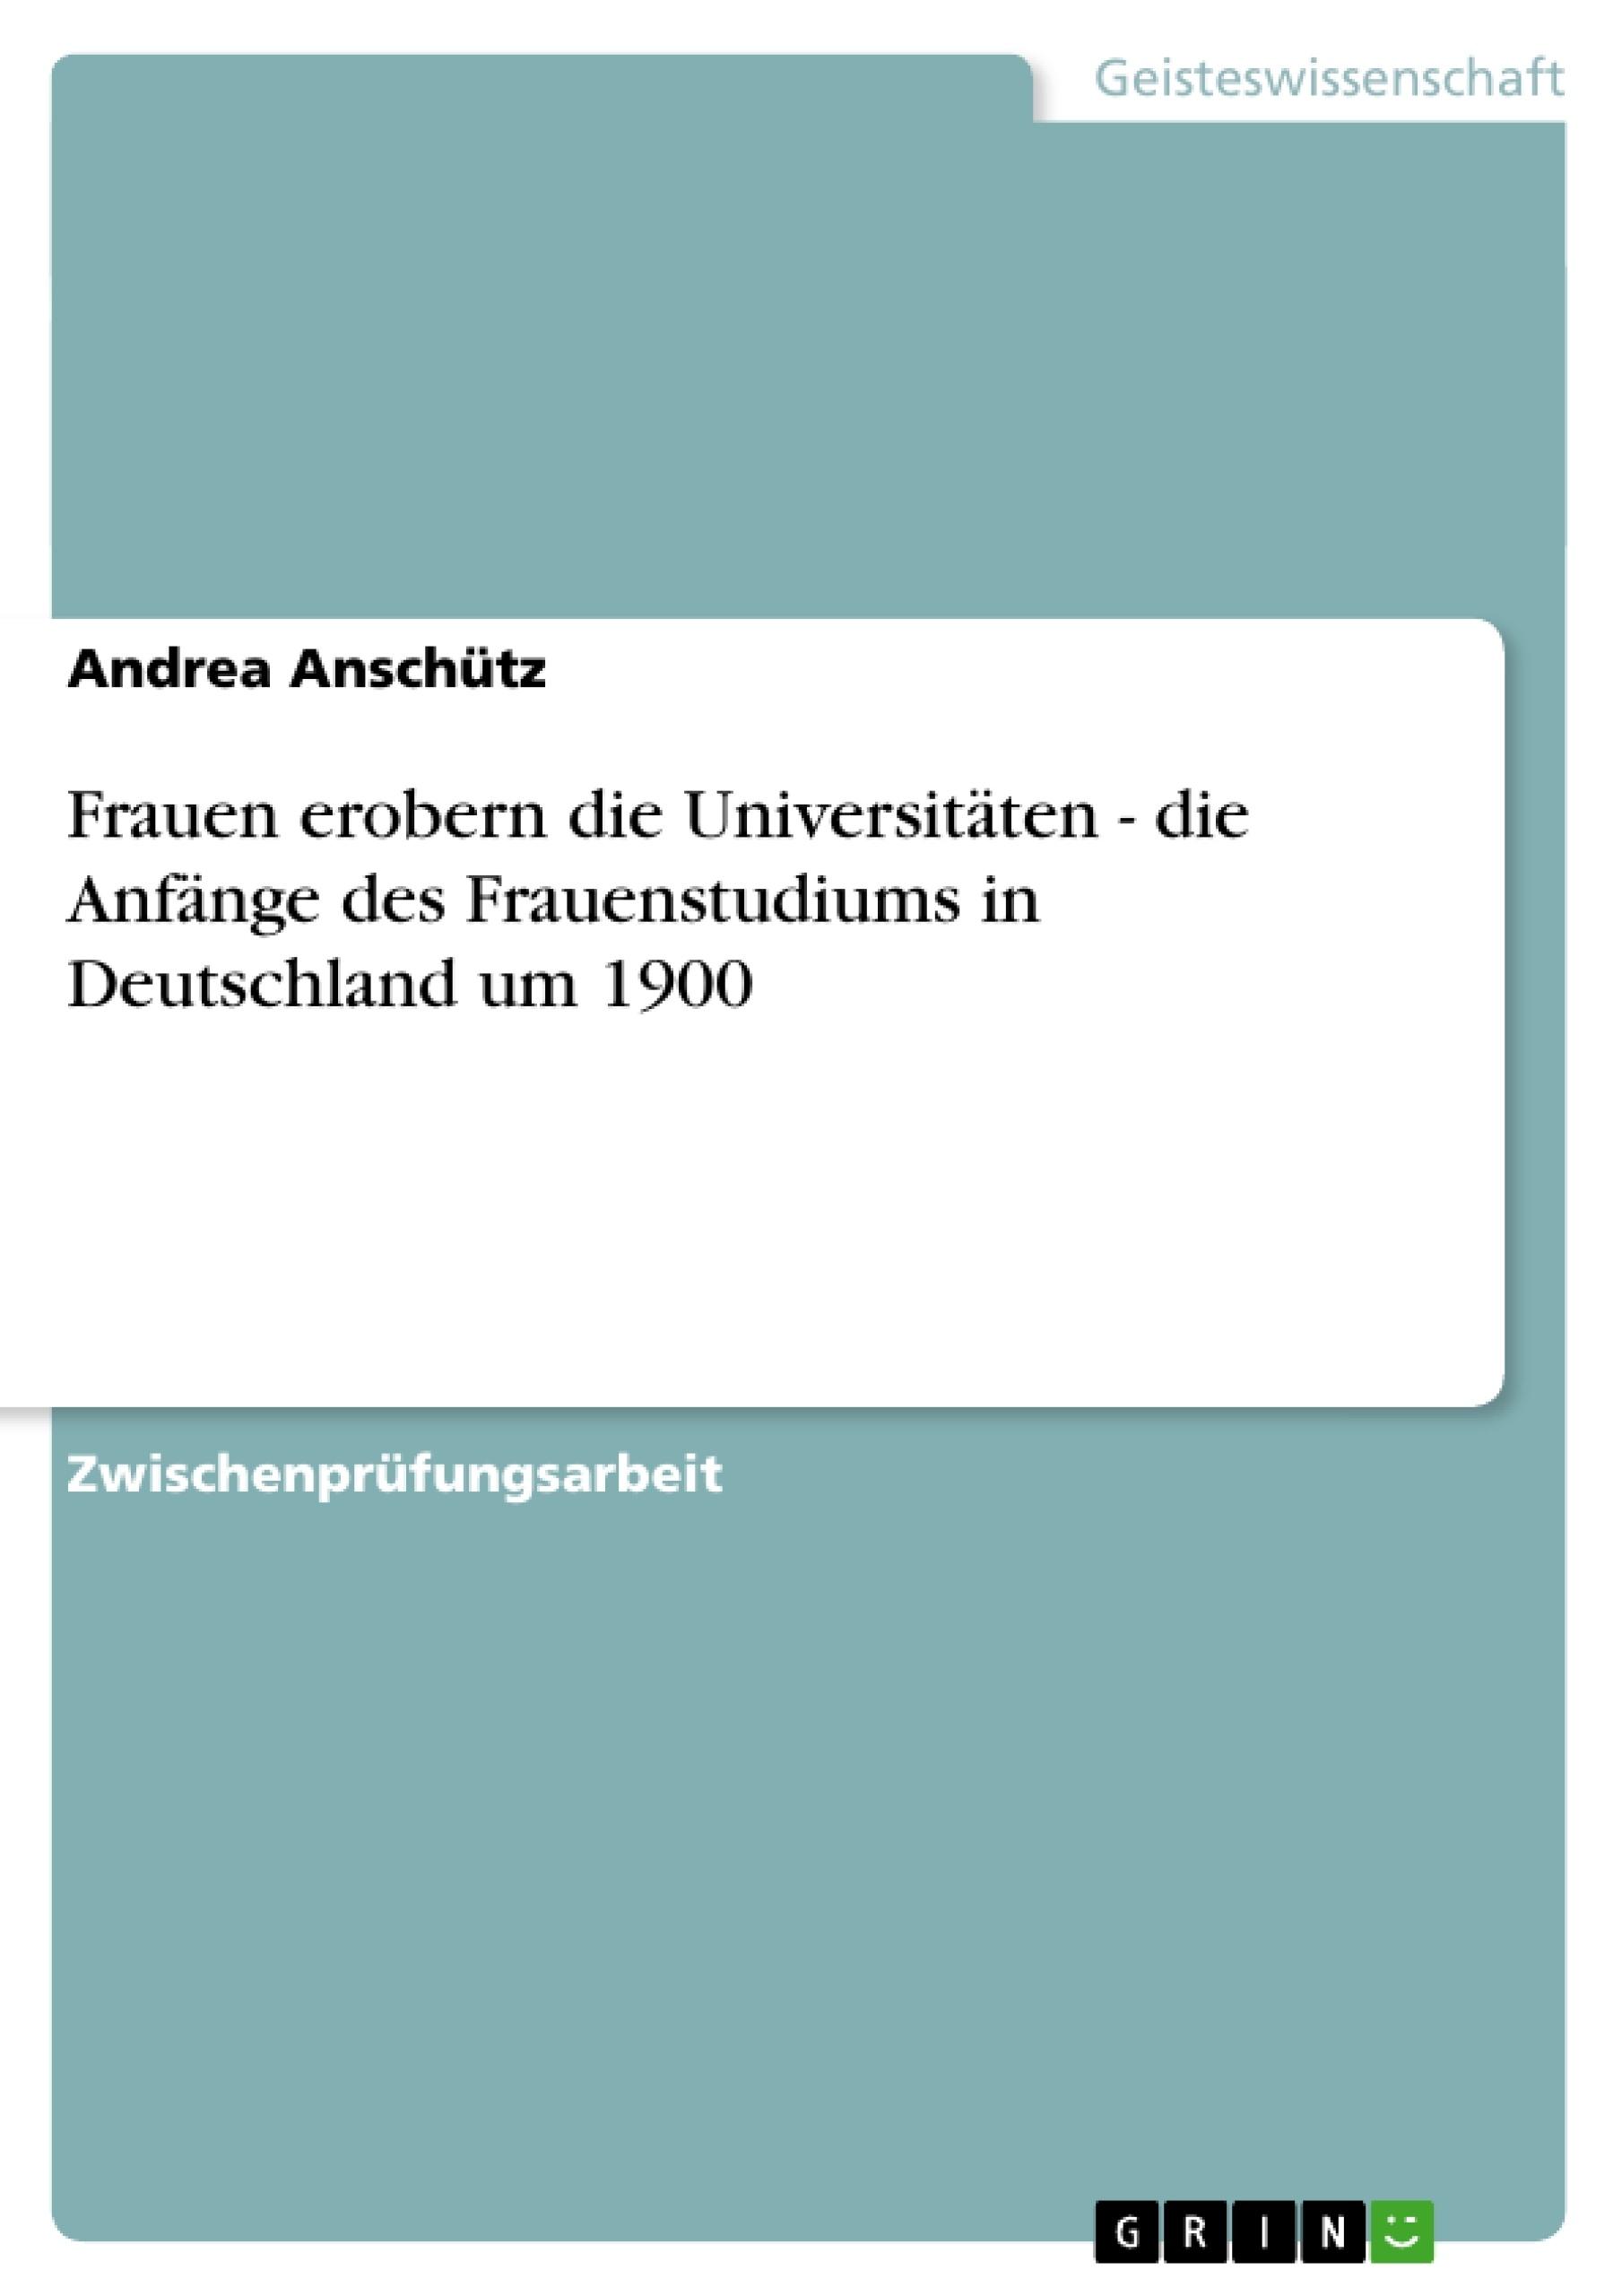 Titel: Frauen erobern die Universitäten - die Anfänge des Frauenstudiums in Deutschland um 1900